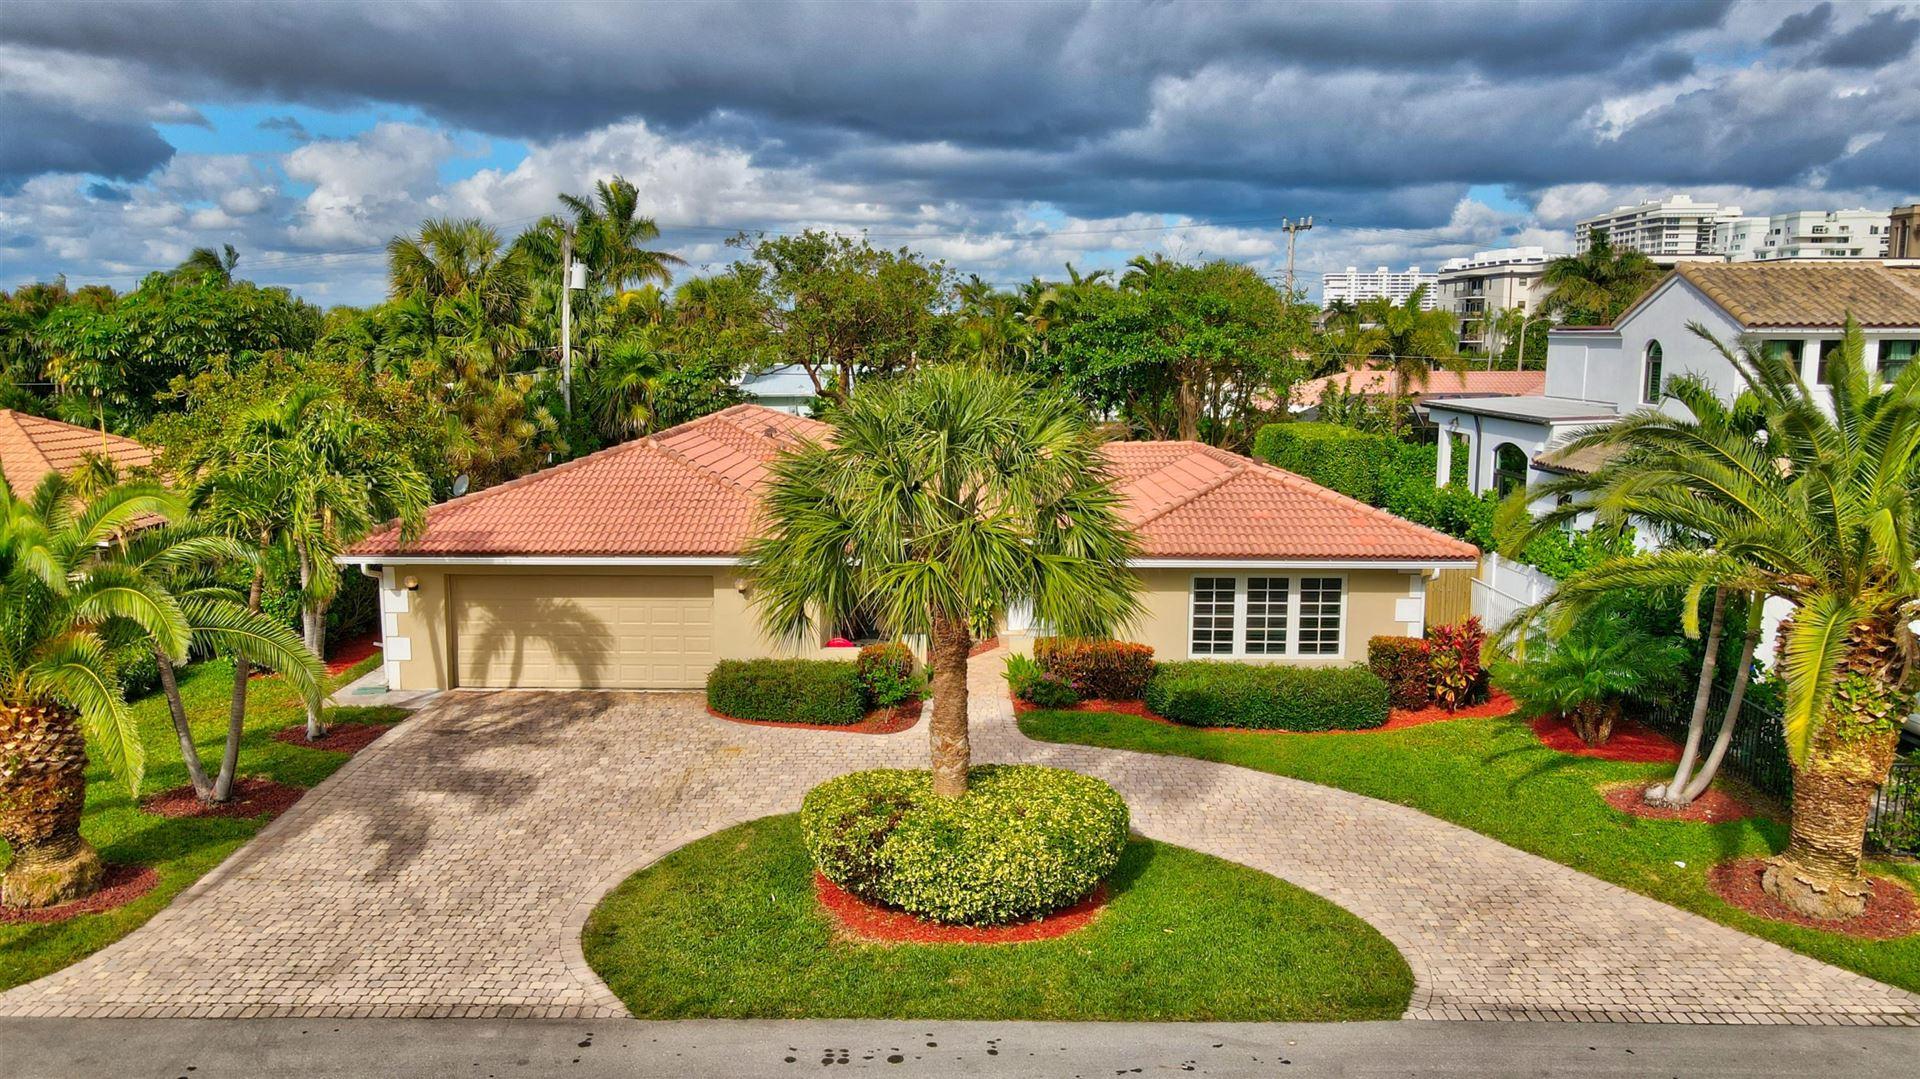 867 Malaga Drive, Boca Raton, FL 33432 - #: RX-10680870